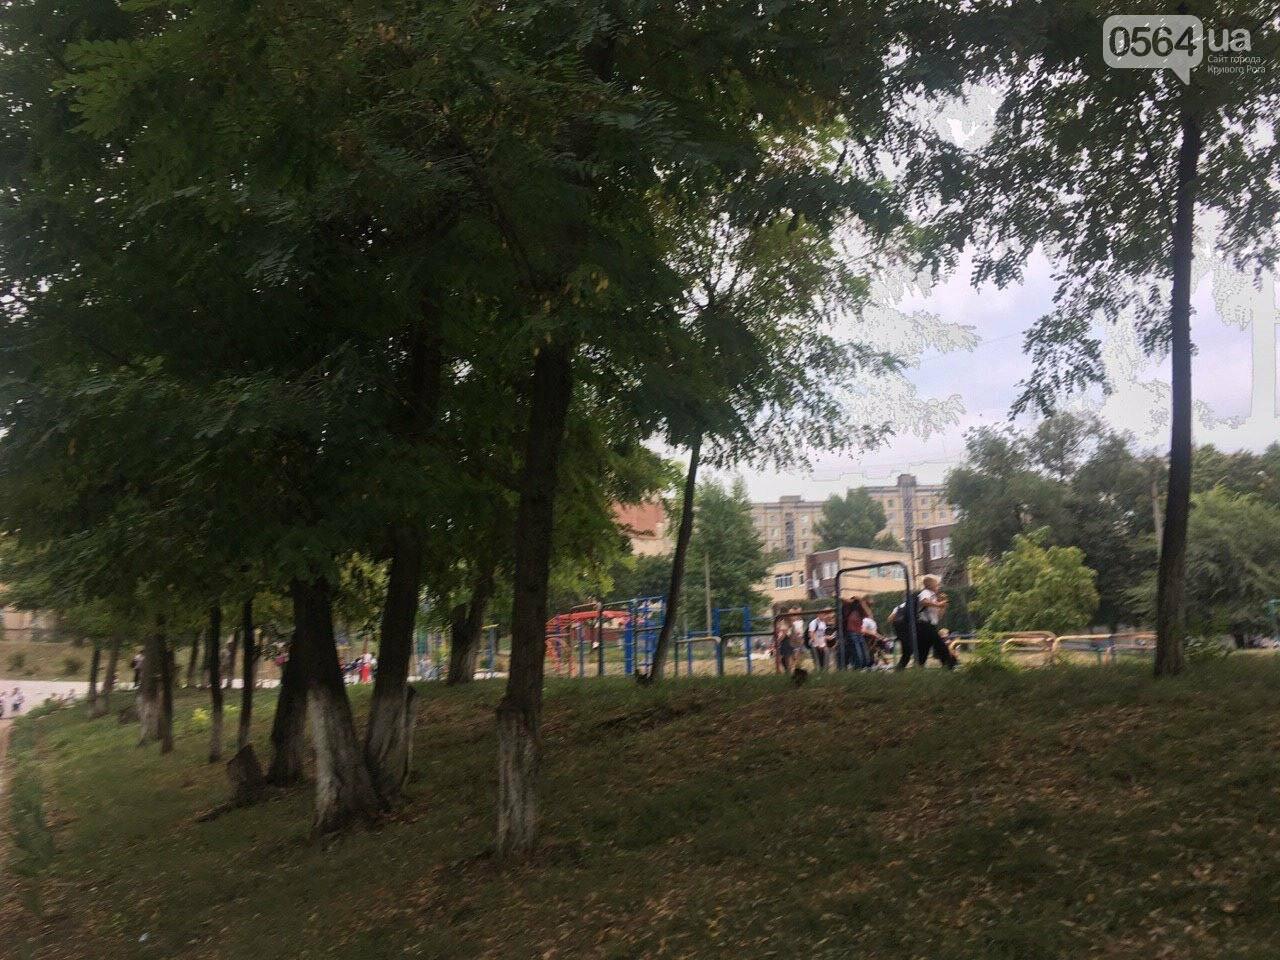 В одной из школ Кривого Рога из-за распыления неизвестного вещества срочно эвакуировали детей, - ФОТО, фото-14